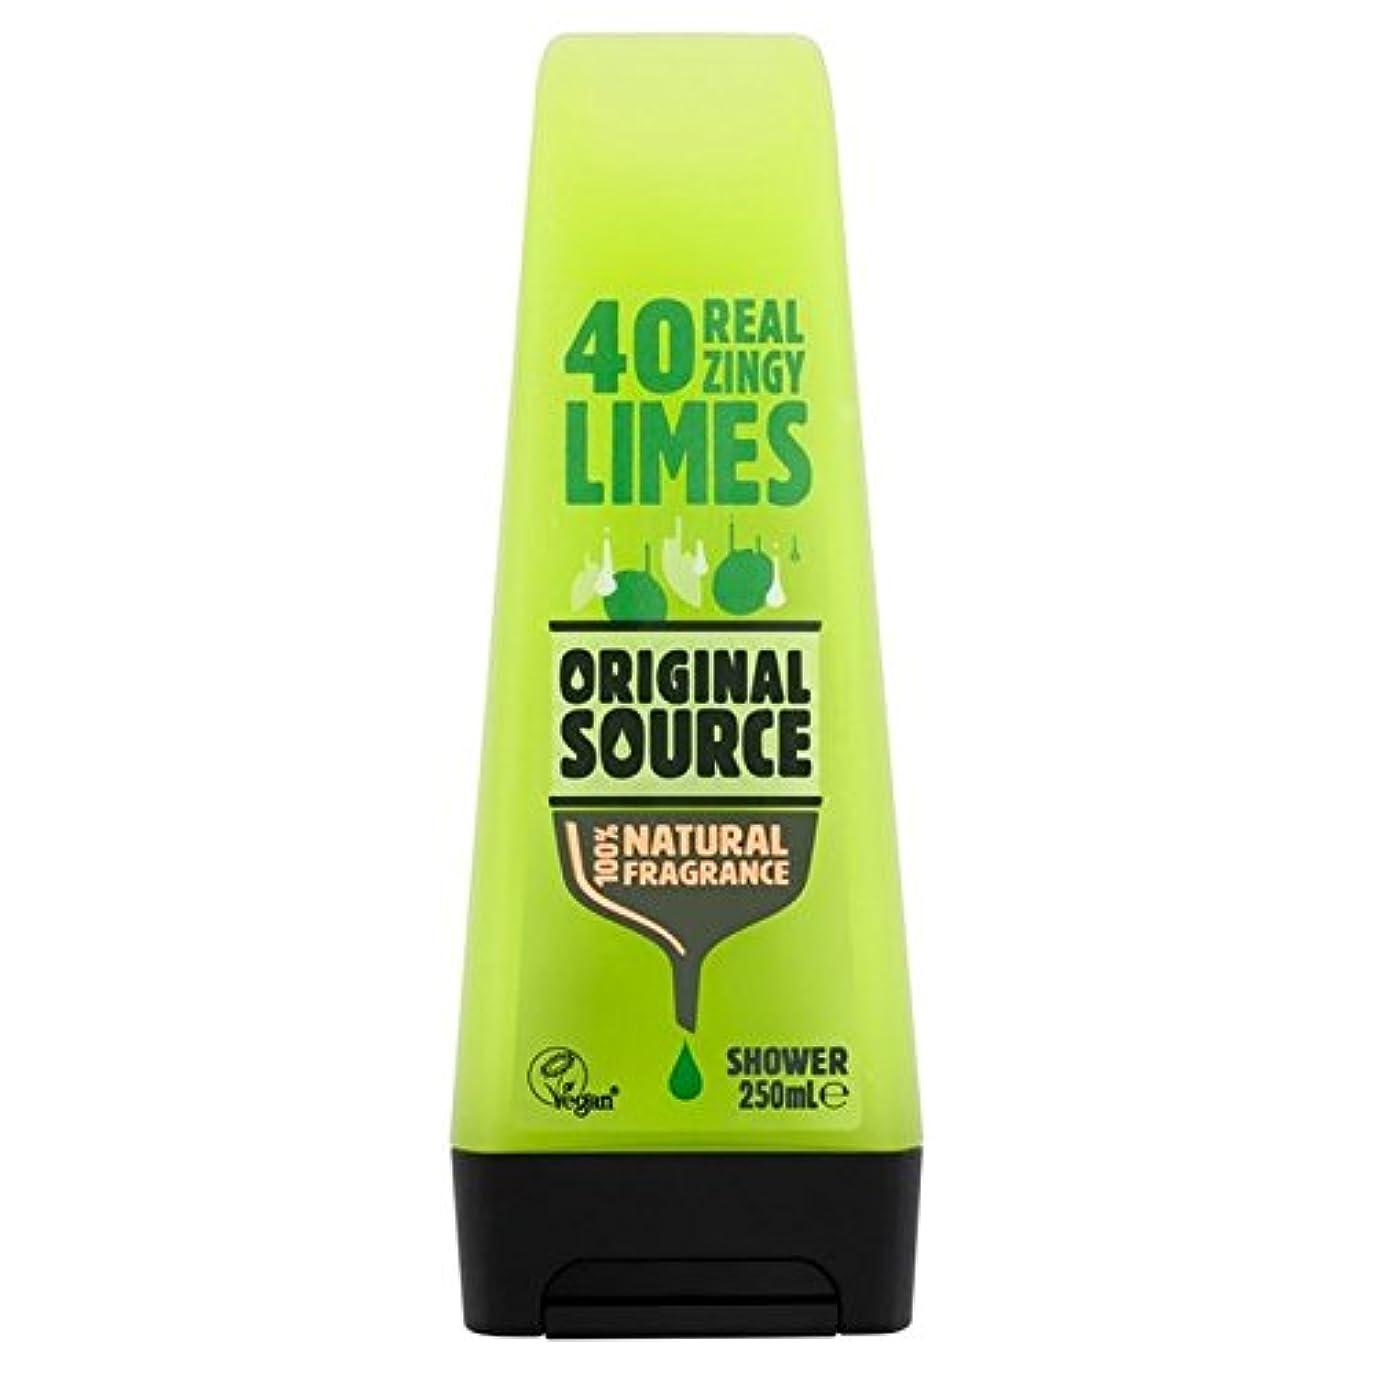 保存する鷹維持するOriginal Source Lime Shower Gel 250ml - 元のソースライムシャワージェル250ミリリットル [並行輸入品]